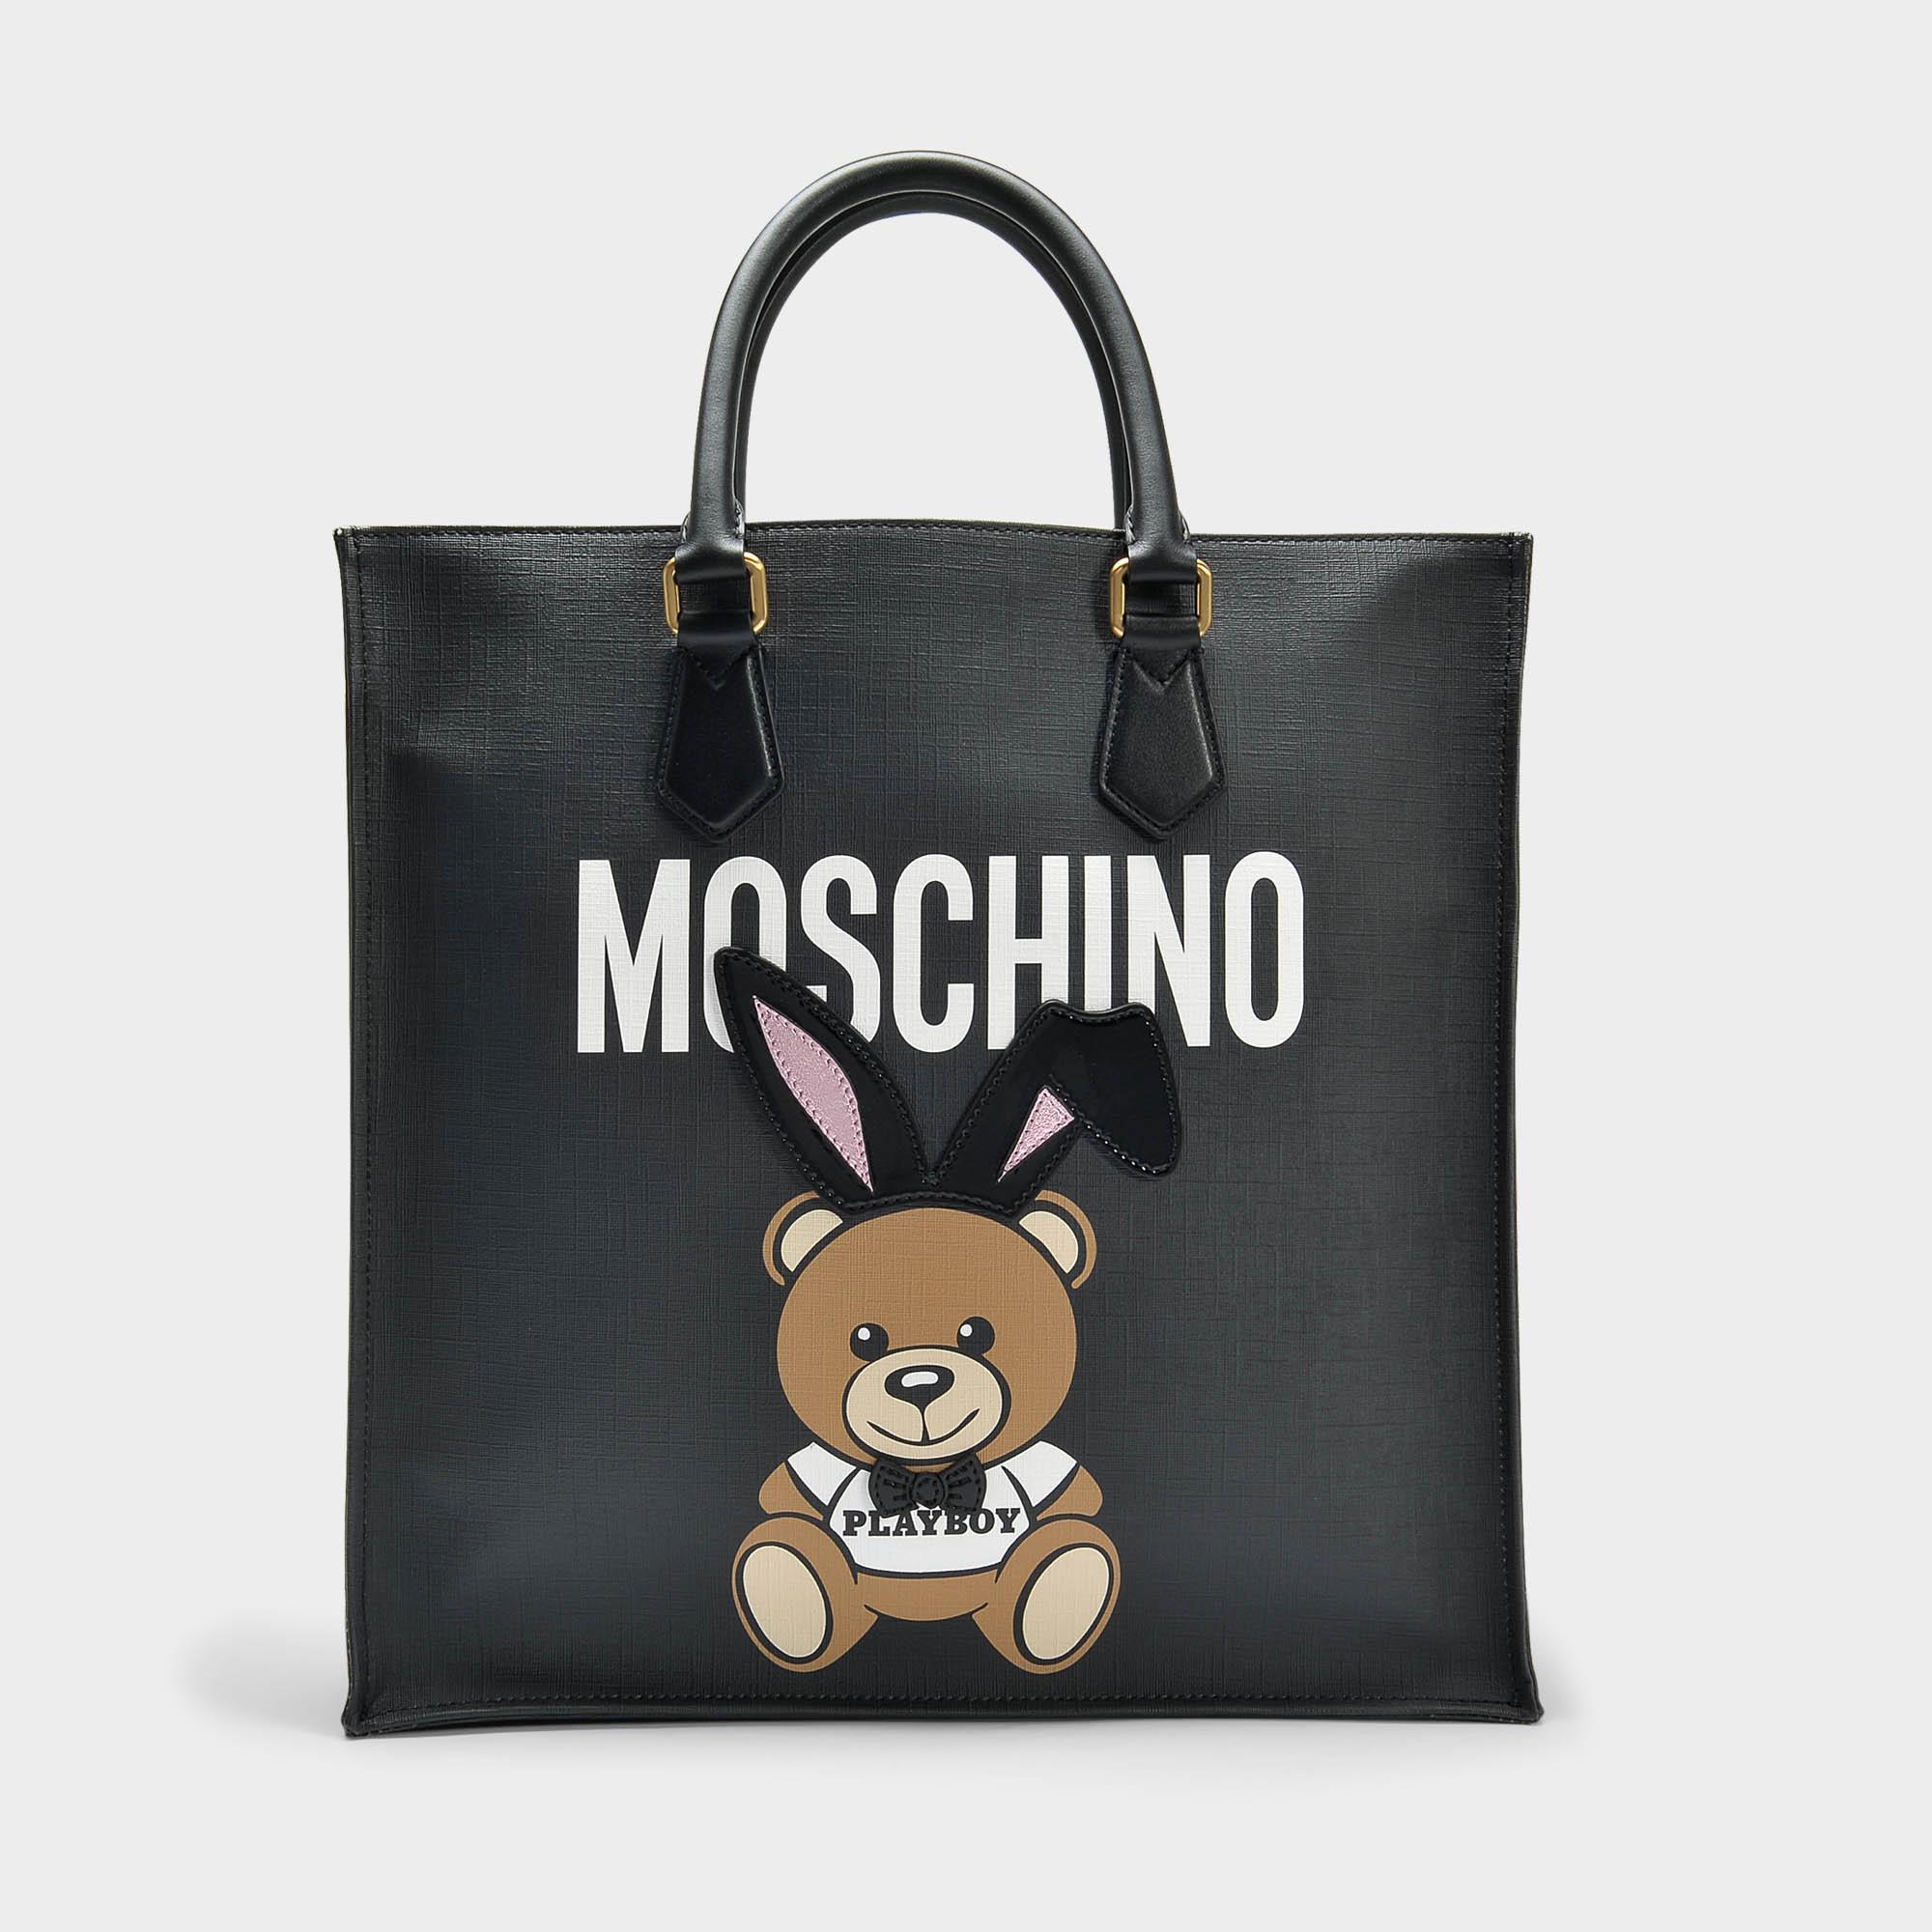 Moschino Peluche Sac Playboy Client En Noir Saffiano 8qmnbJ62